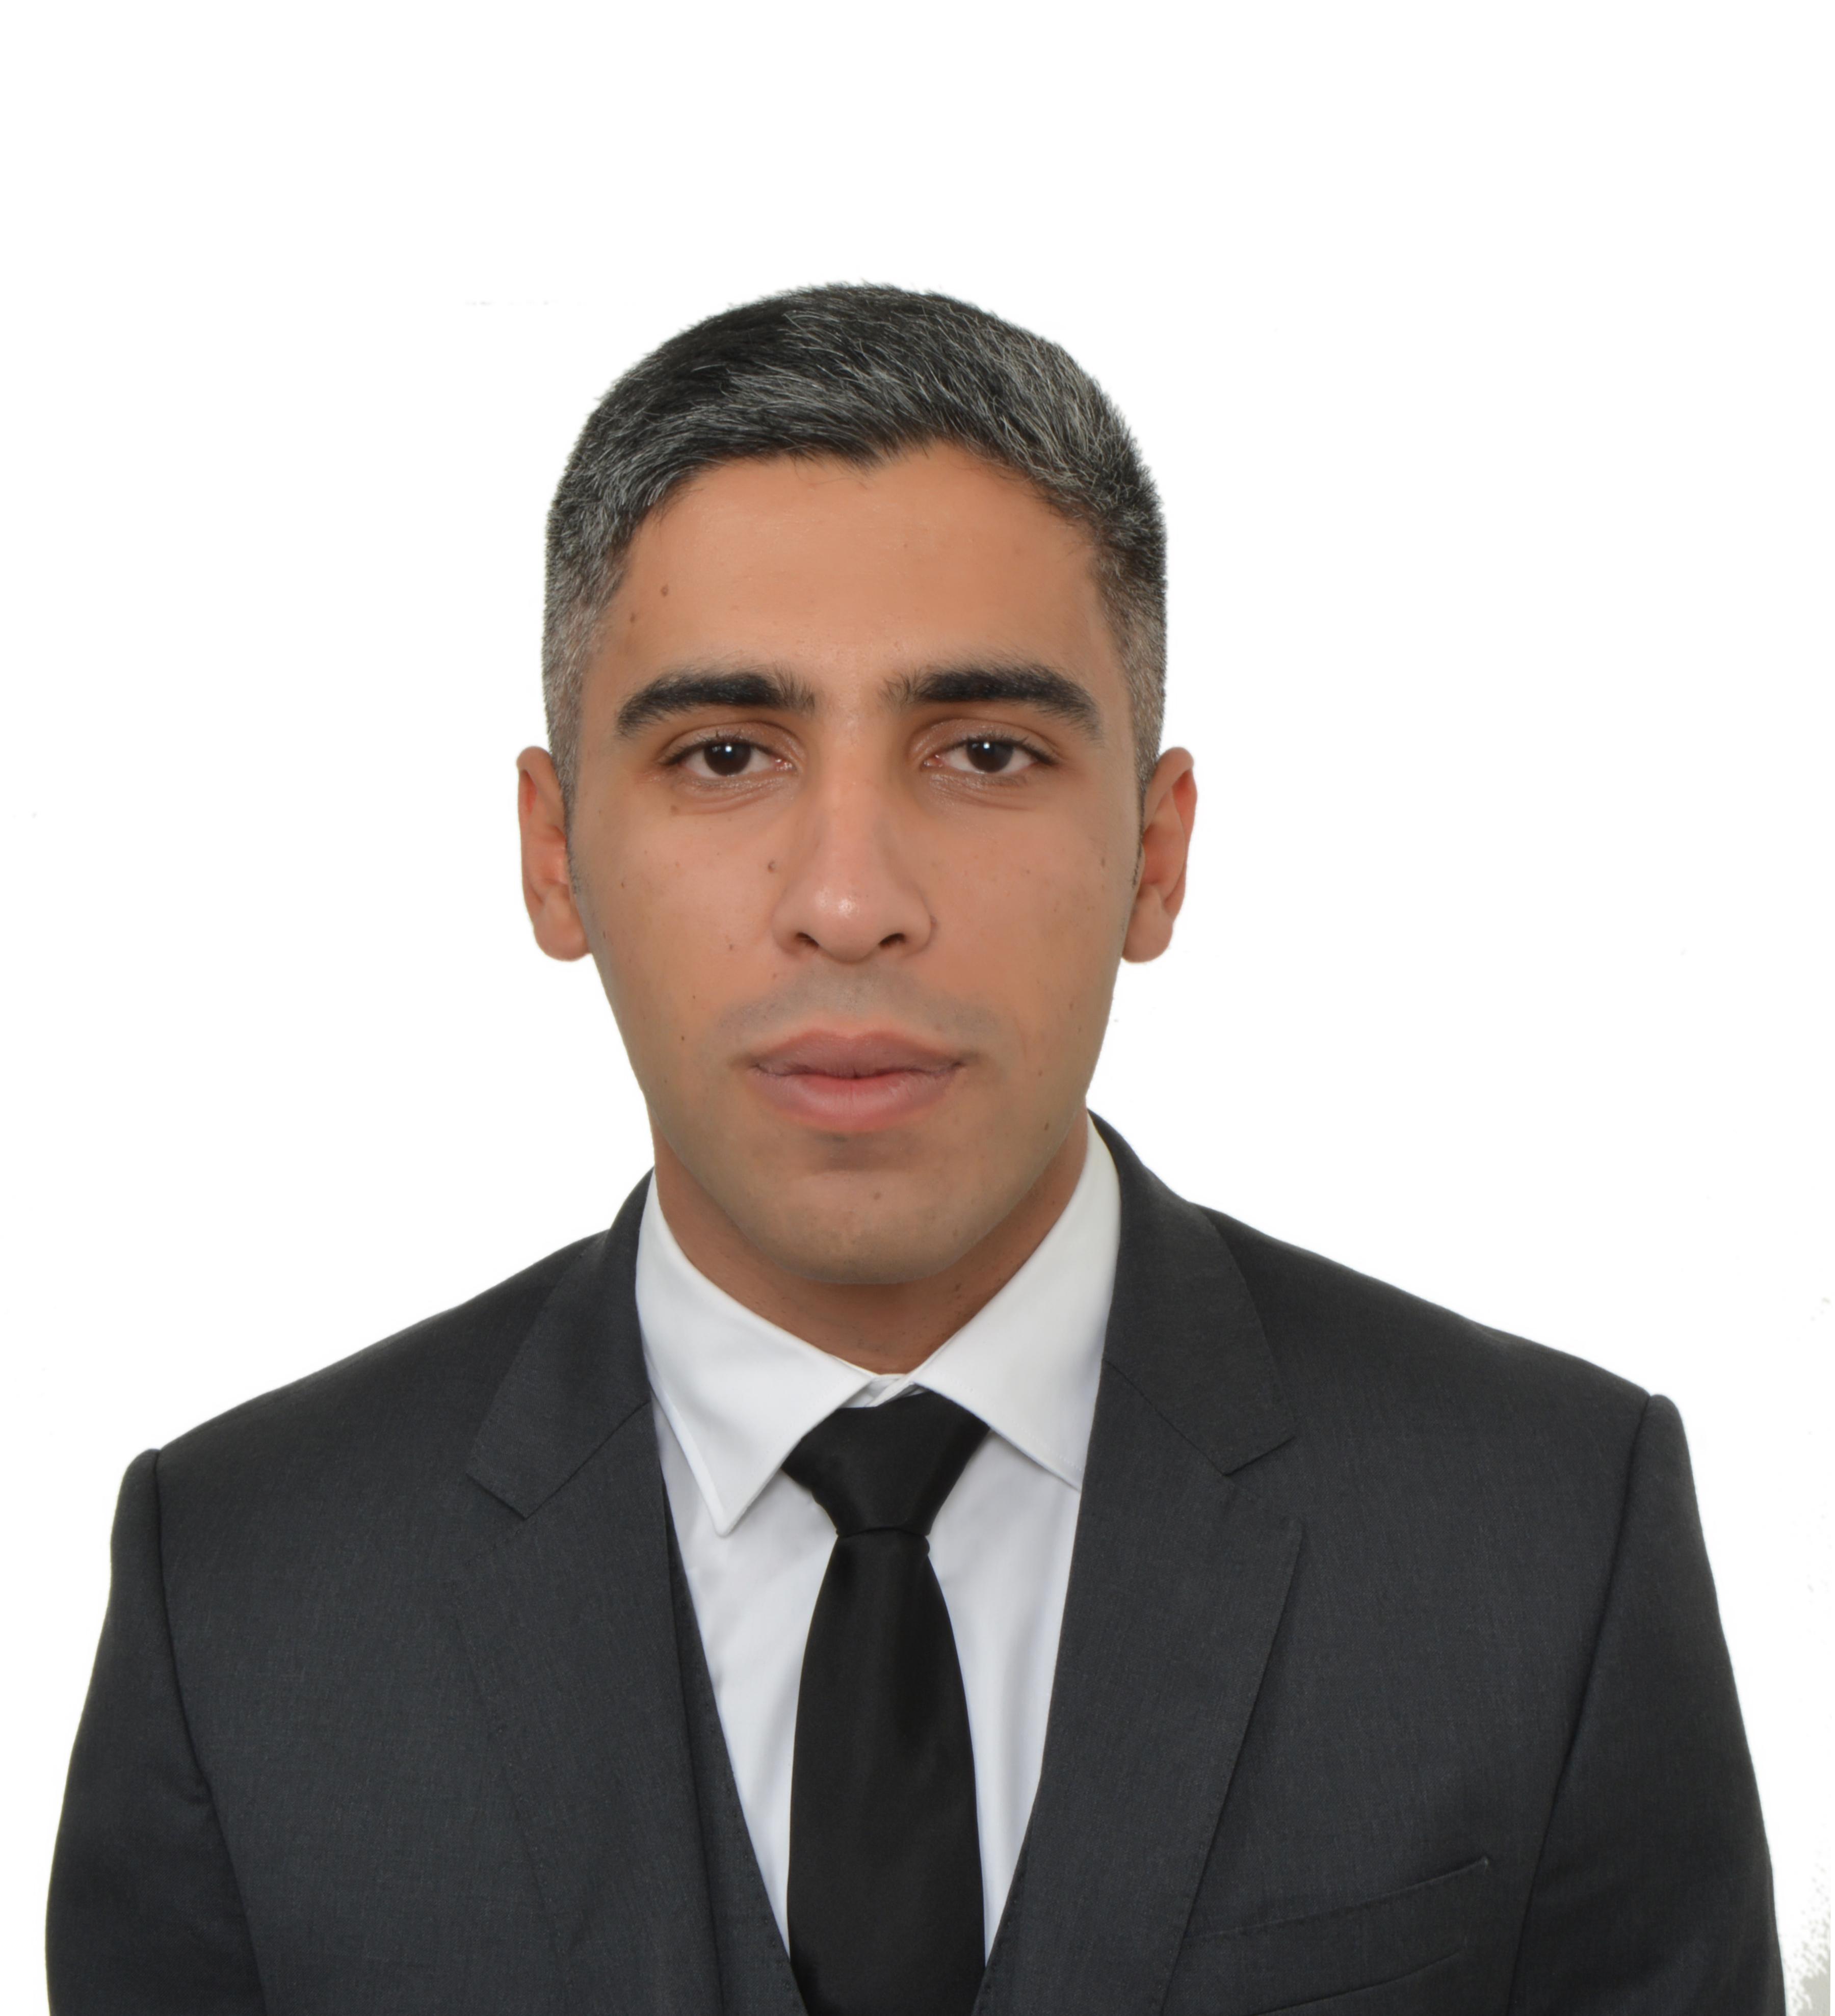 Wael Salem, CEO at Tradesocio